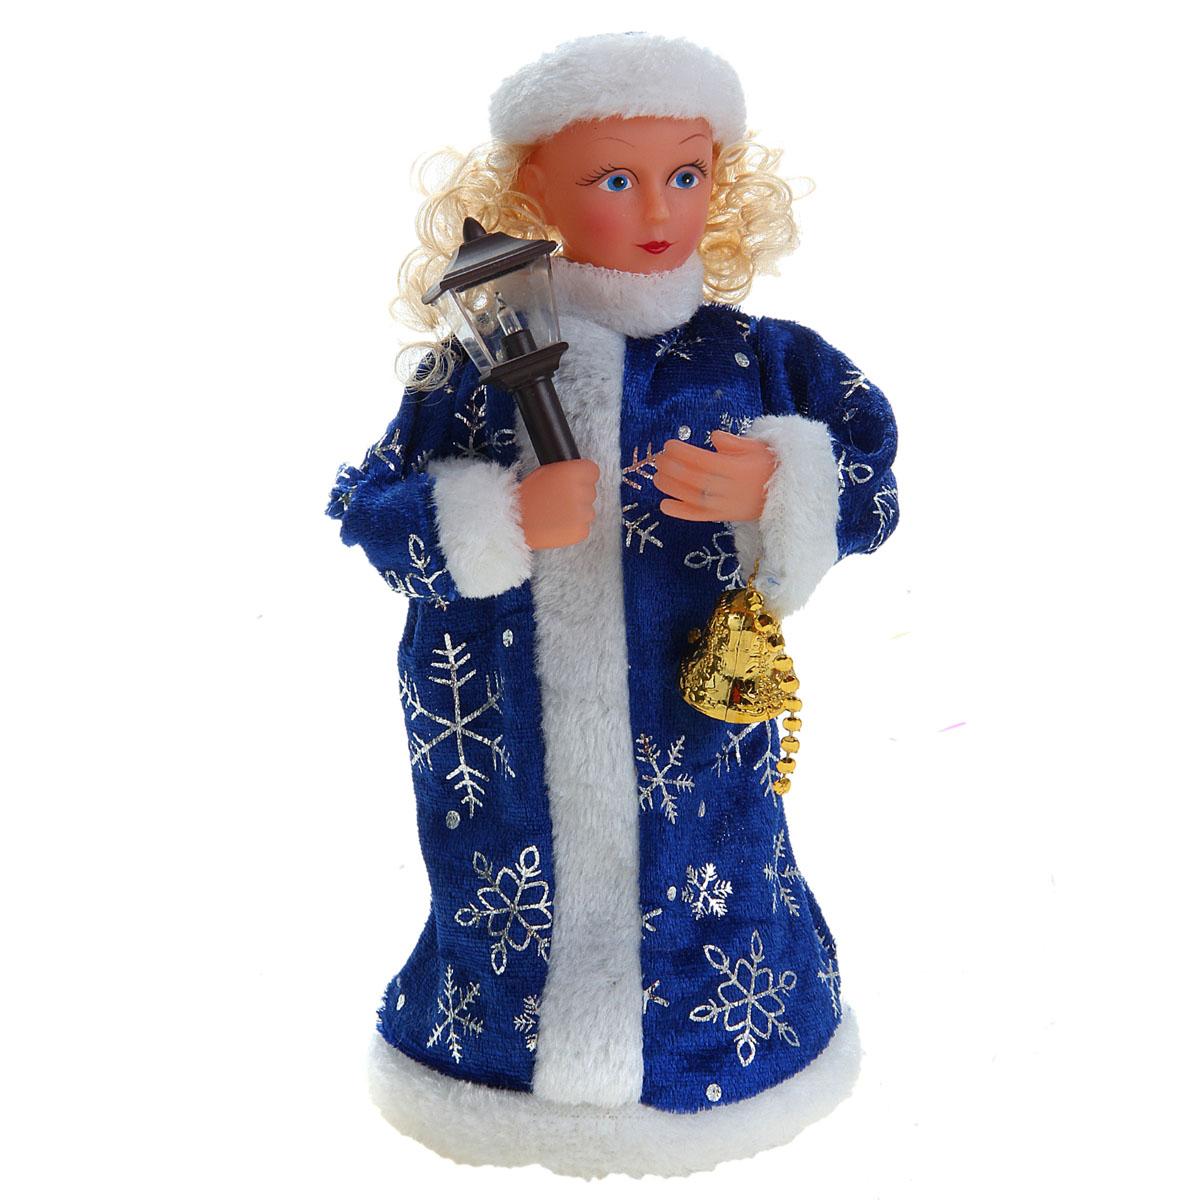 Новогодняя декоративная фигурка Sima-land Снегурочка, музыкальная, 23 см. 827791a030073Новогодняя декоративная фигурка выполнена из высококачественного пластика в виде Снегурочки. Снегурочка одета в шубу с опушкой, украшенную снежинками. На голове шапка в цвет шубы. В руке Снегурочка держит фонарик. Кукла стоит на пластиковой подставке. Особенностью фигурки является наличие механизма, при включении которого Снегурочка говорит поздравления, поет новогоднюю песню, фонарик светится, а голова и руки Снегурочки начинают двигаться. Ее добрый вид и очаровательная улыбка притягивают к себе восторженные взгляды. Декоративная фигурка Снегурочка подойдет для оформления новогоднего интерьера и принесет с собой атмосферу радости и веселья. УВАЖАЕМЫЕ КЛИЕНТЫ!Обращаем ваше внимание на тот факт, что декоративная фигурка работает от двух батареек типа АА напряжением 1,5V. Батарейки в комплект не входят.